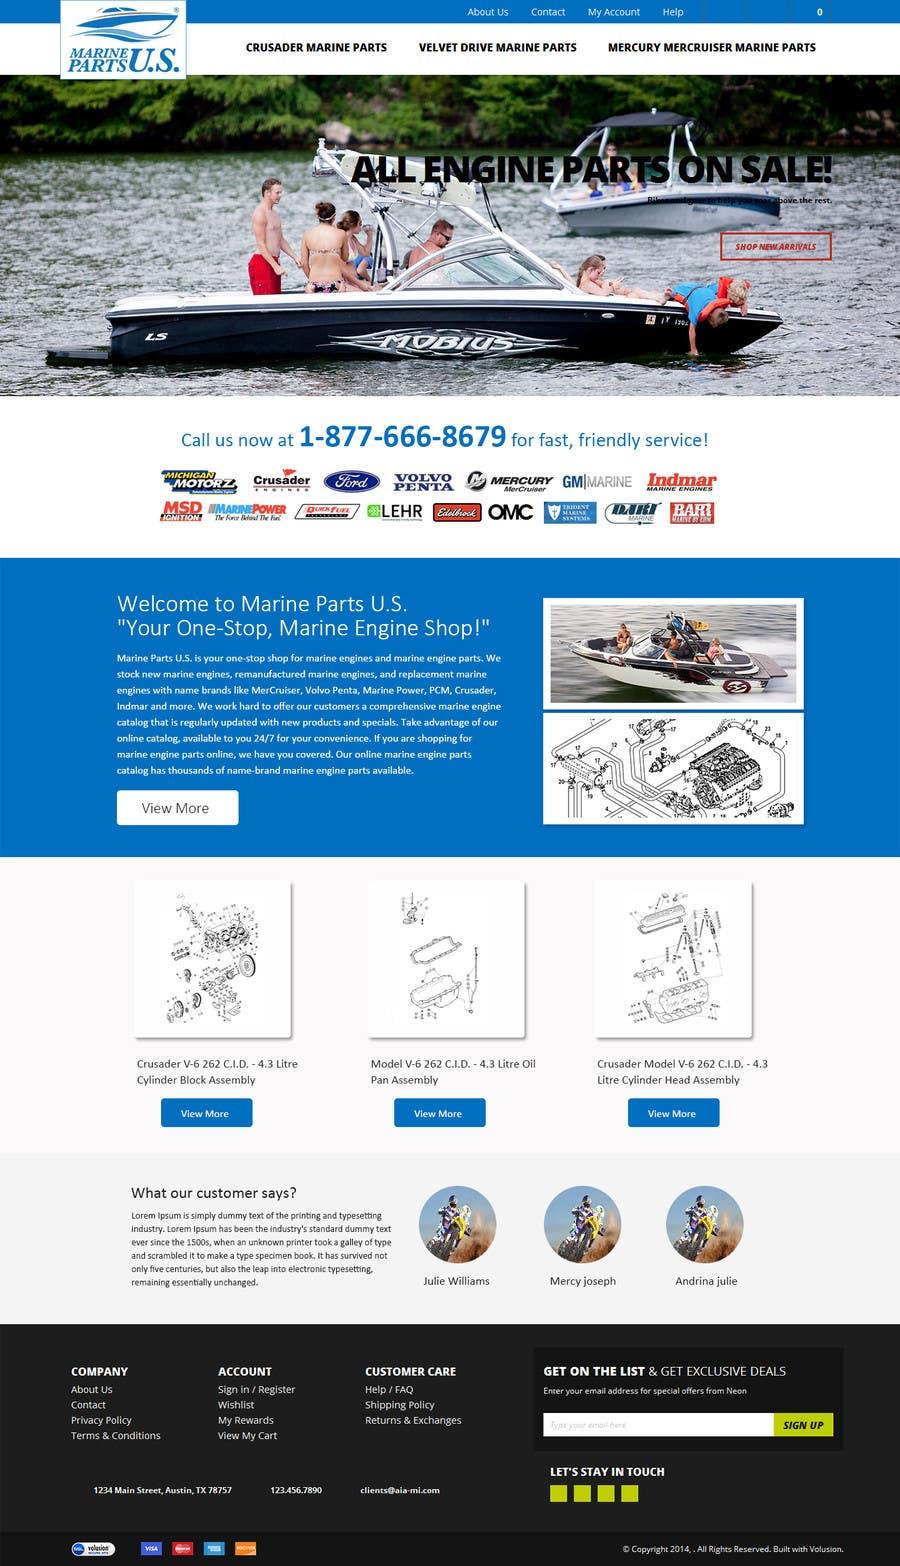 Inscrição nº 8 do Concurso para Design a Website Mockup for Marine Parts U.S.